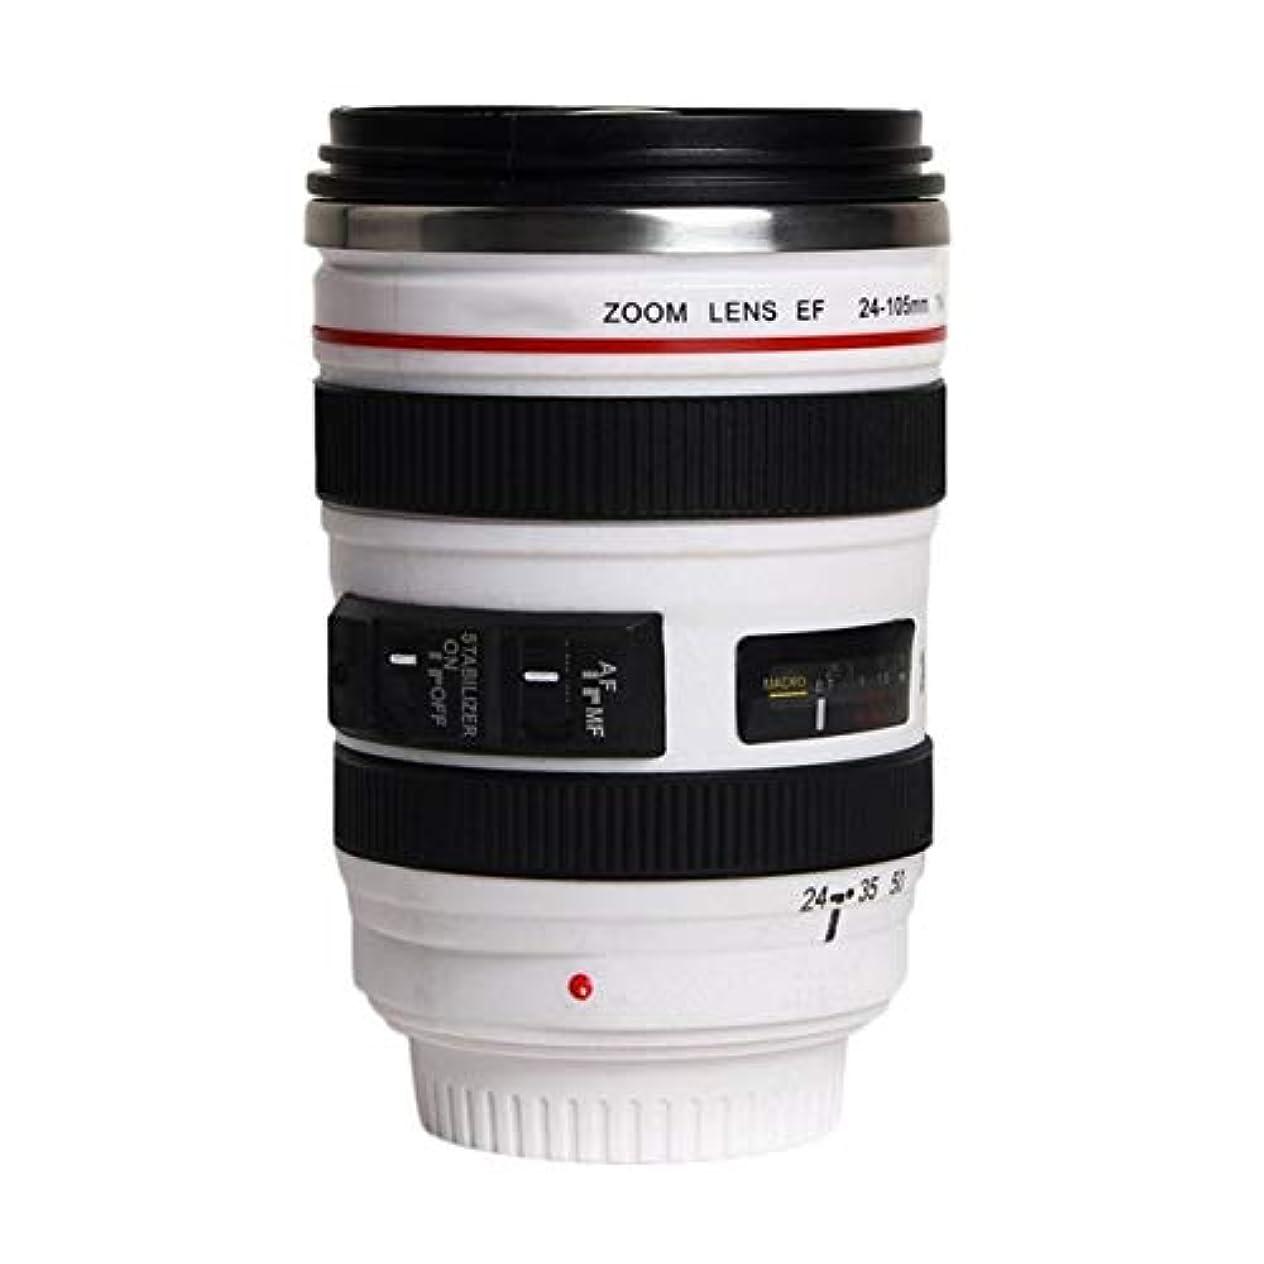 口キウイ周波数Saikogoods ファッション1PCS耐久DIYステンレス鋼真空フラスコ旅行コーヒーマグカップ水コーヒーティーカメラレンズカップのふたギフト付き 白